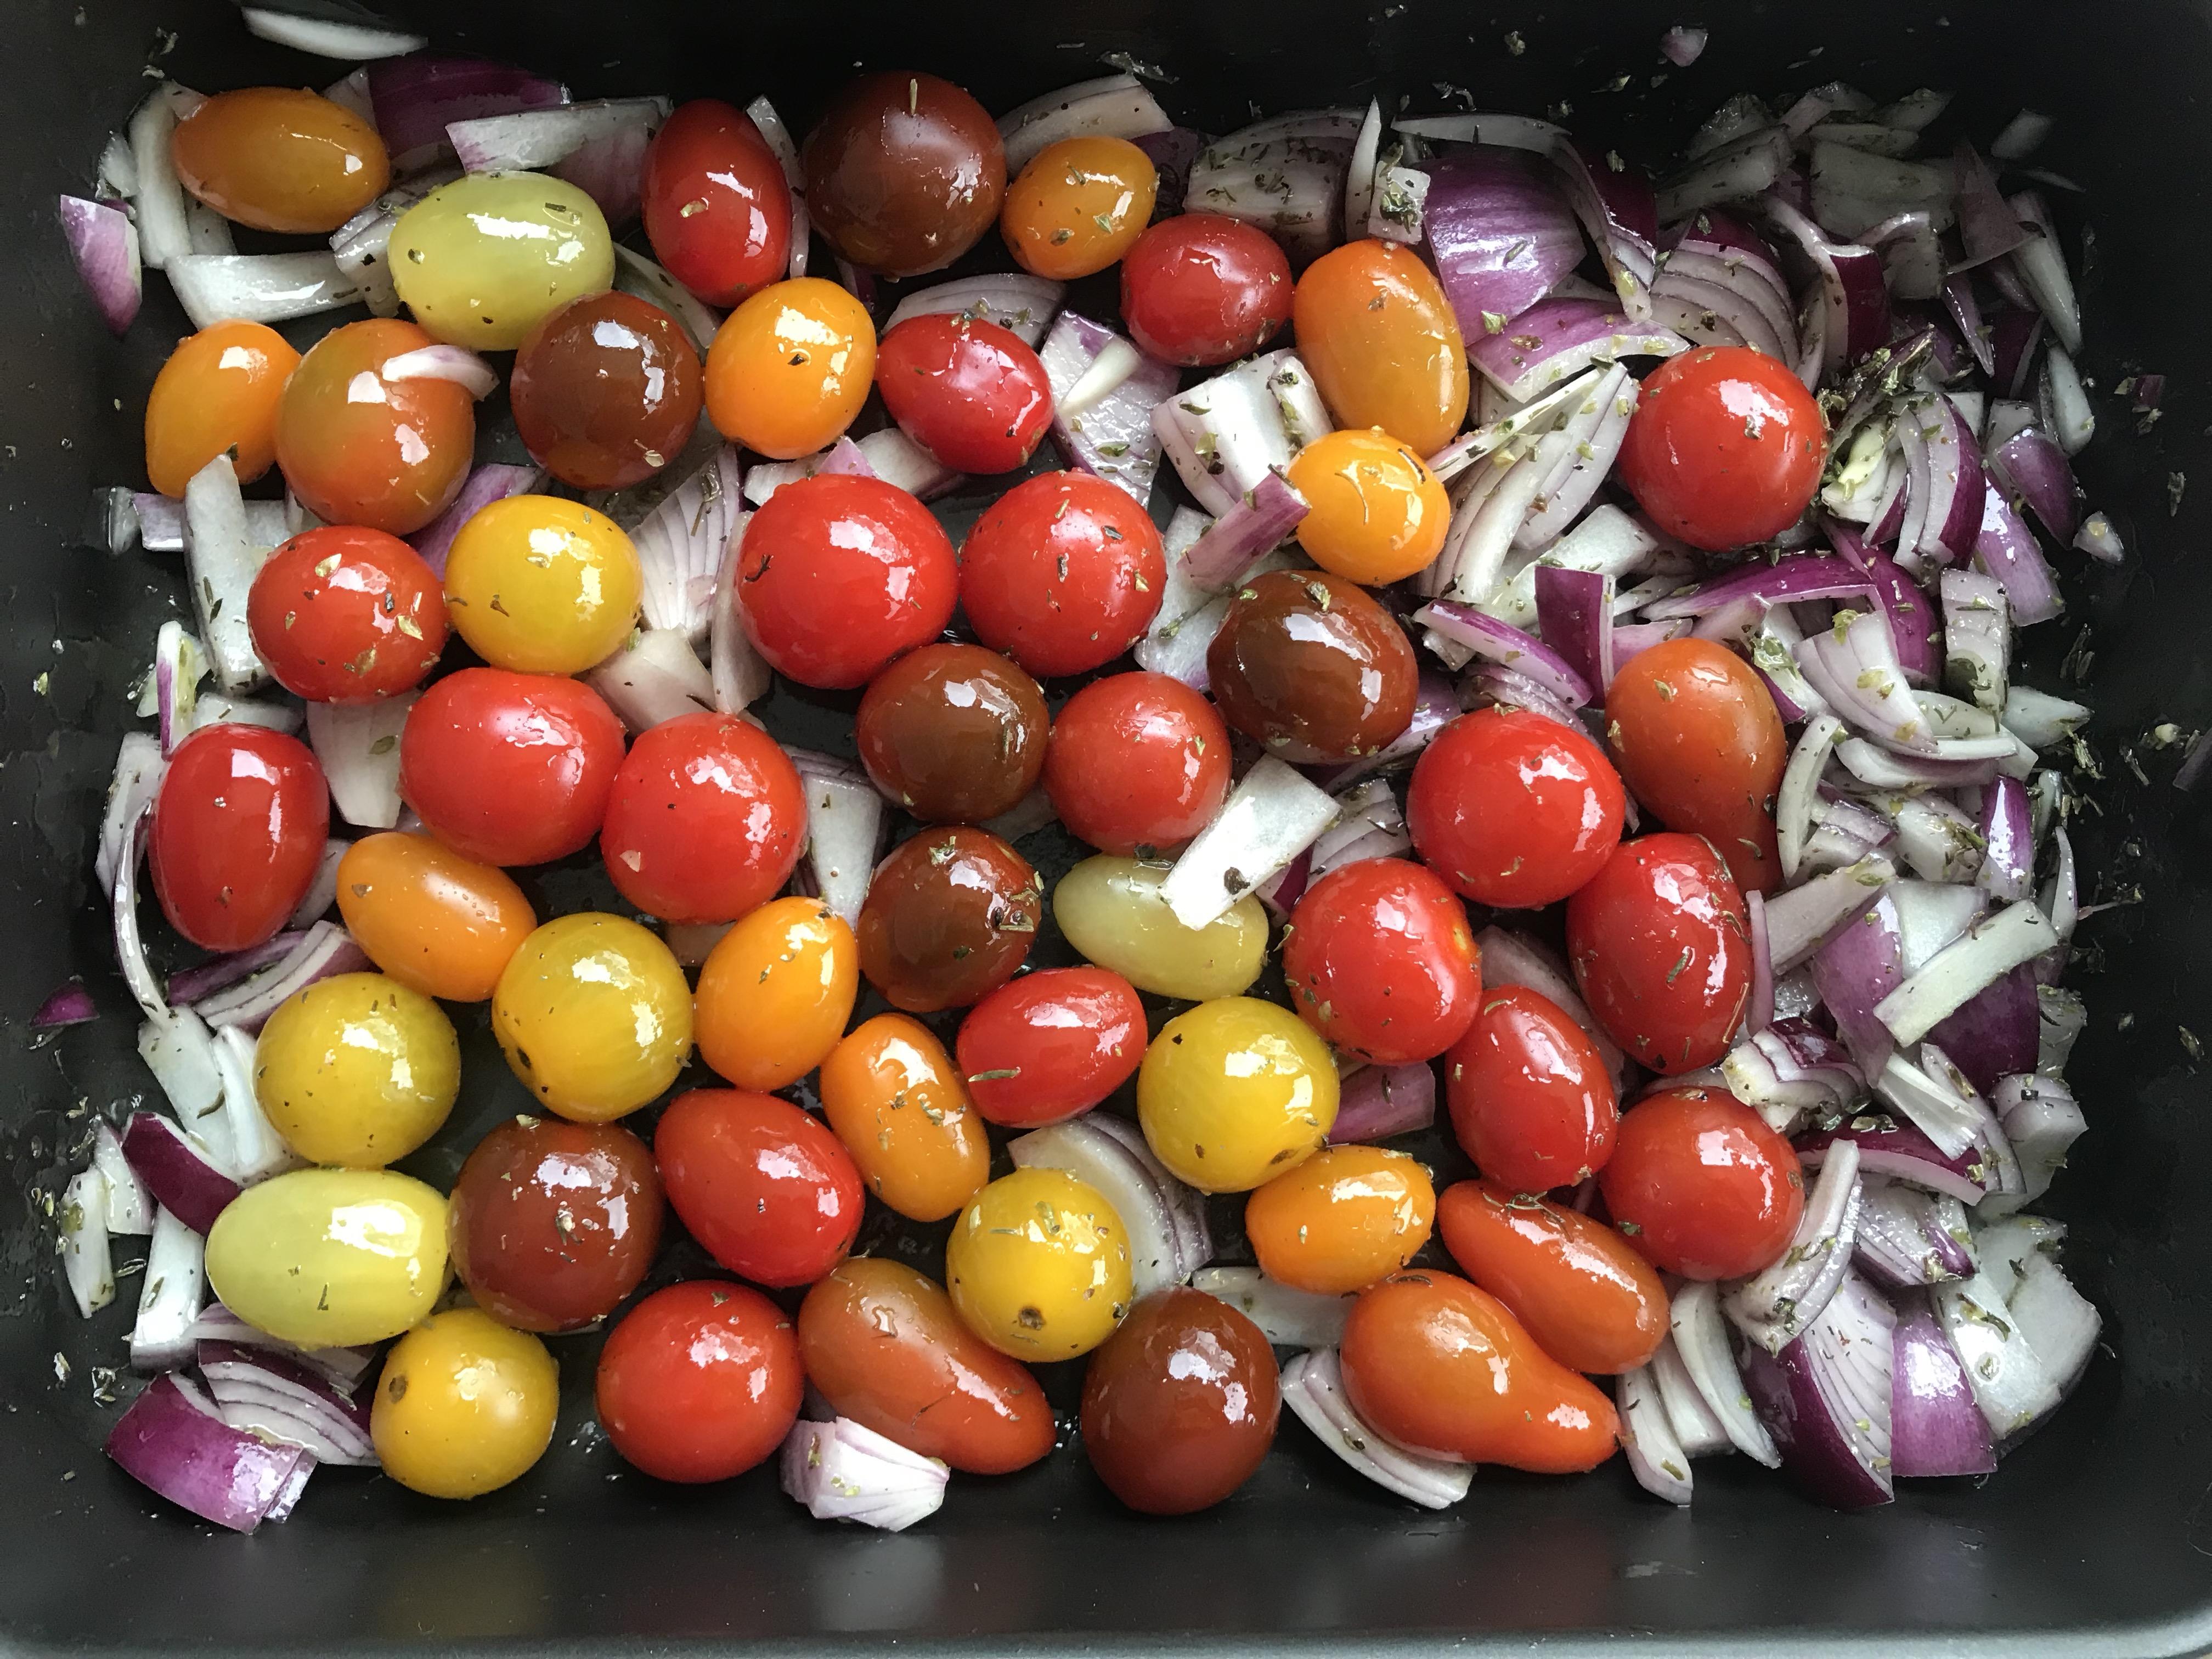 een kleurige mix van tomaatjes en ui